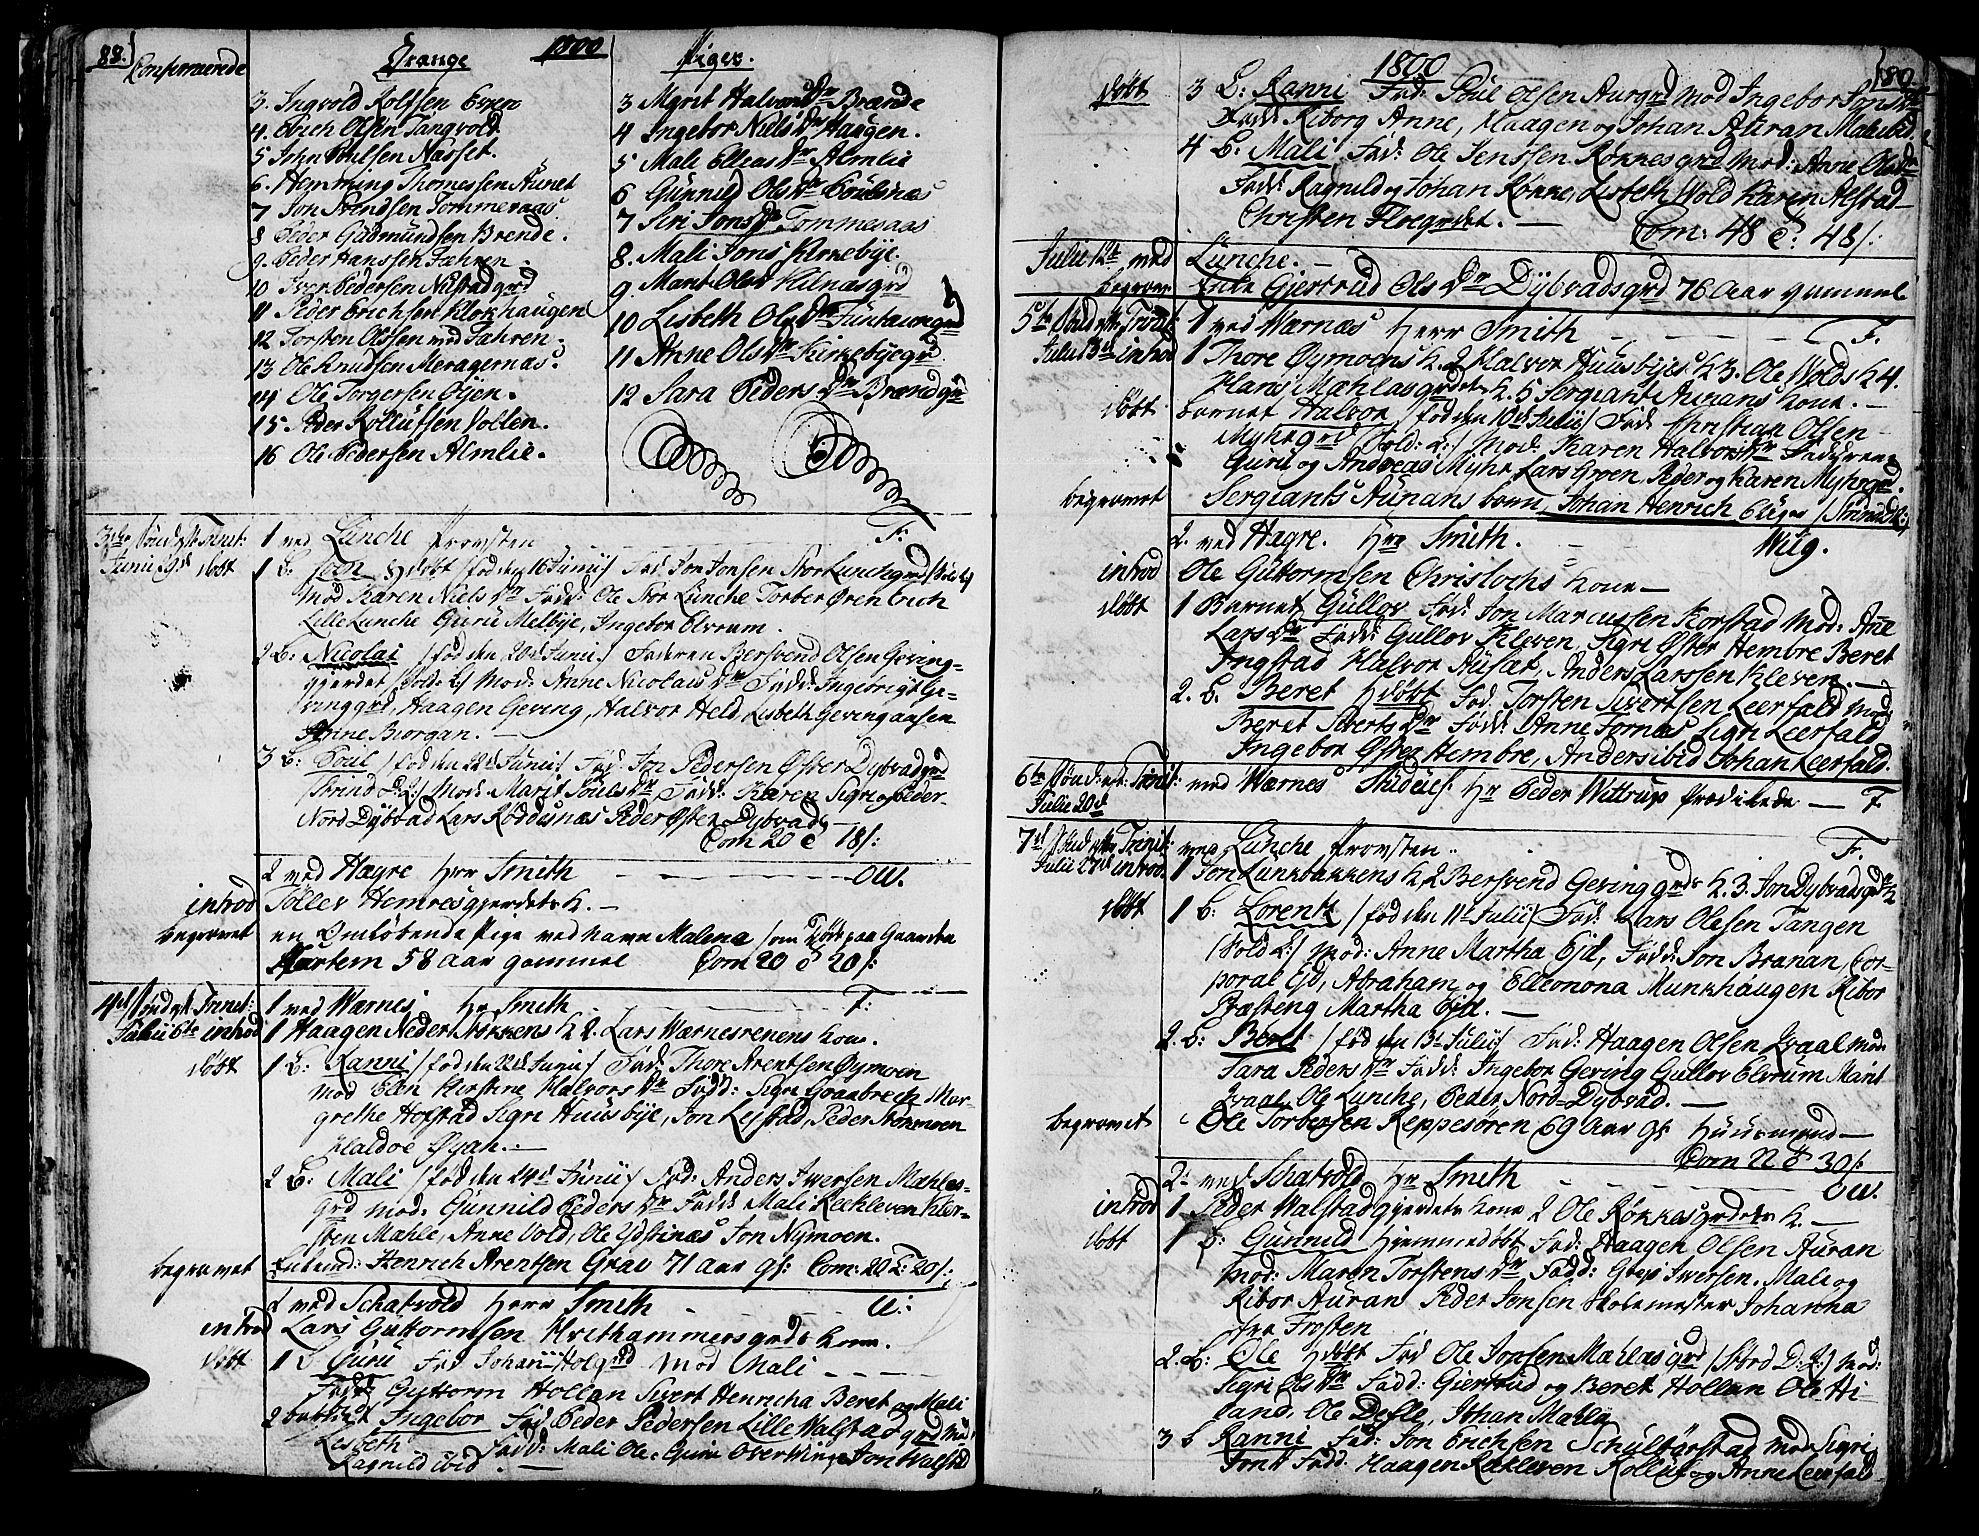 SAT, Ministerialprotokoller, klokkerbøker og fødselsregistre - Nord-Trøndelag, 709/L0060: Ministerialbok nr. 709A07, 1797-1815, s. 88-89